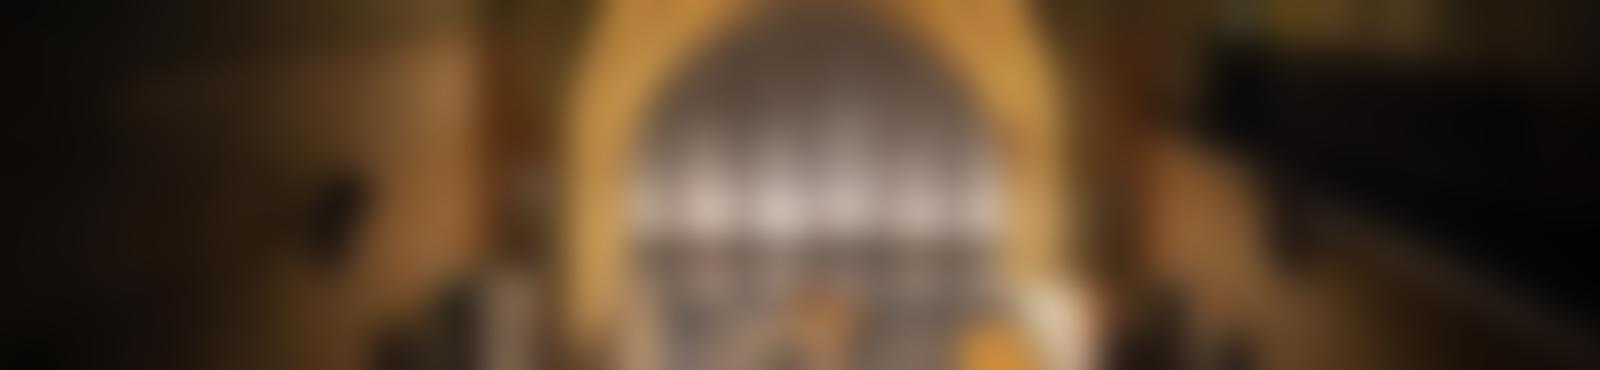 Blurred 4974ed2d a18e 463c b4e2 abe027077970